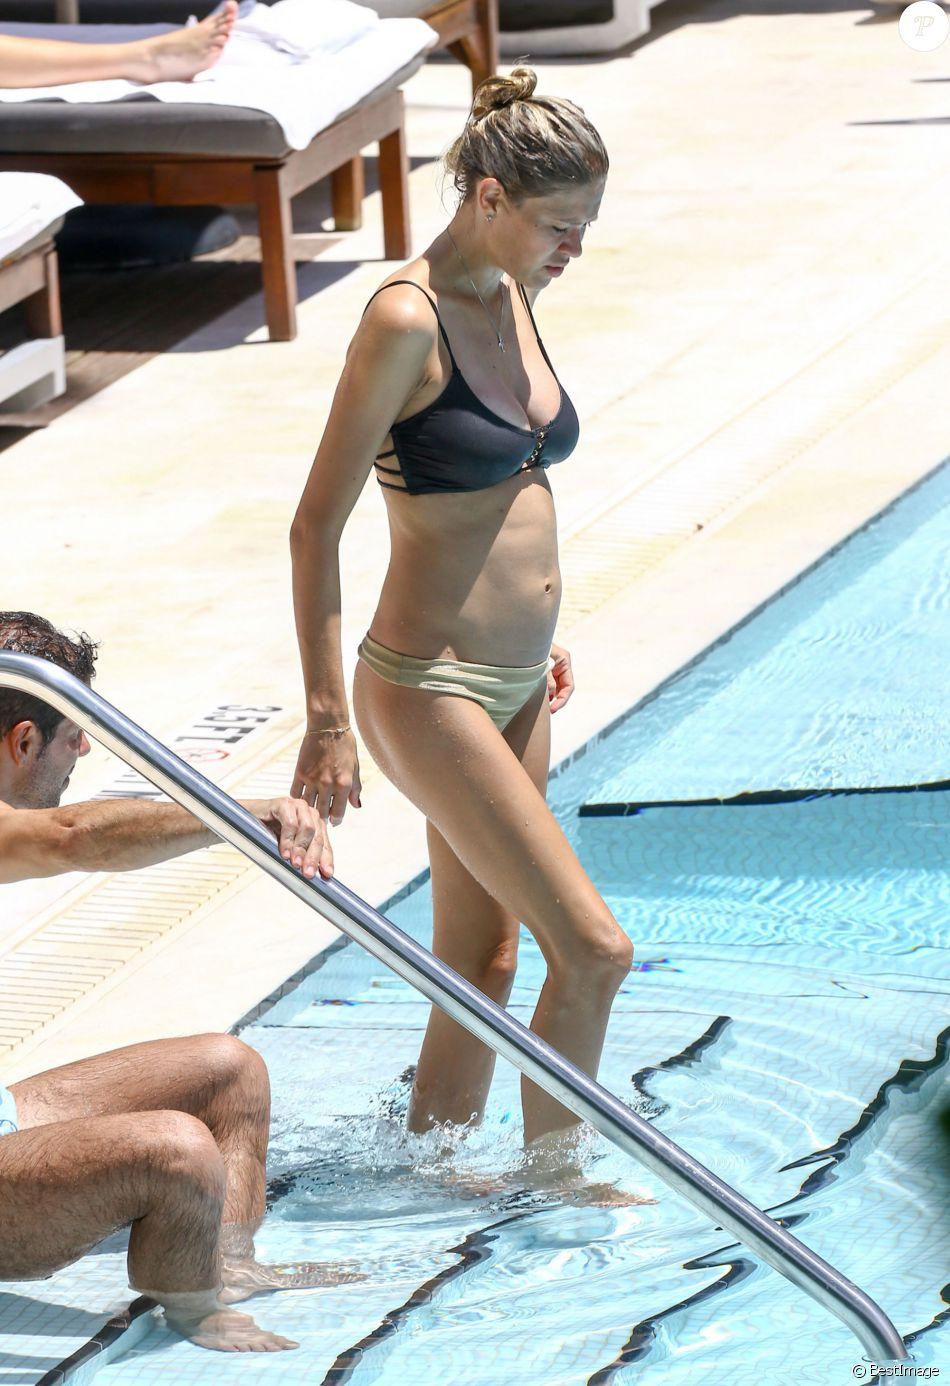 Feet Carla Pereyra nudes (85 photos), Pussy, Cleavage, Feet, in bikini 2018